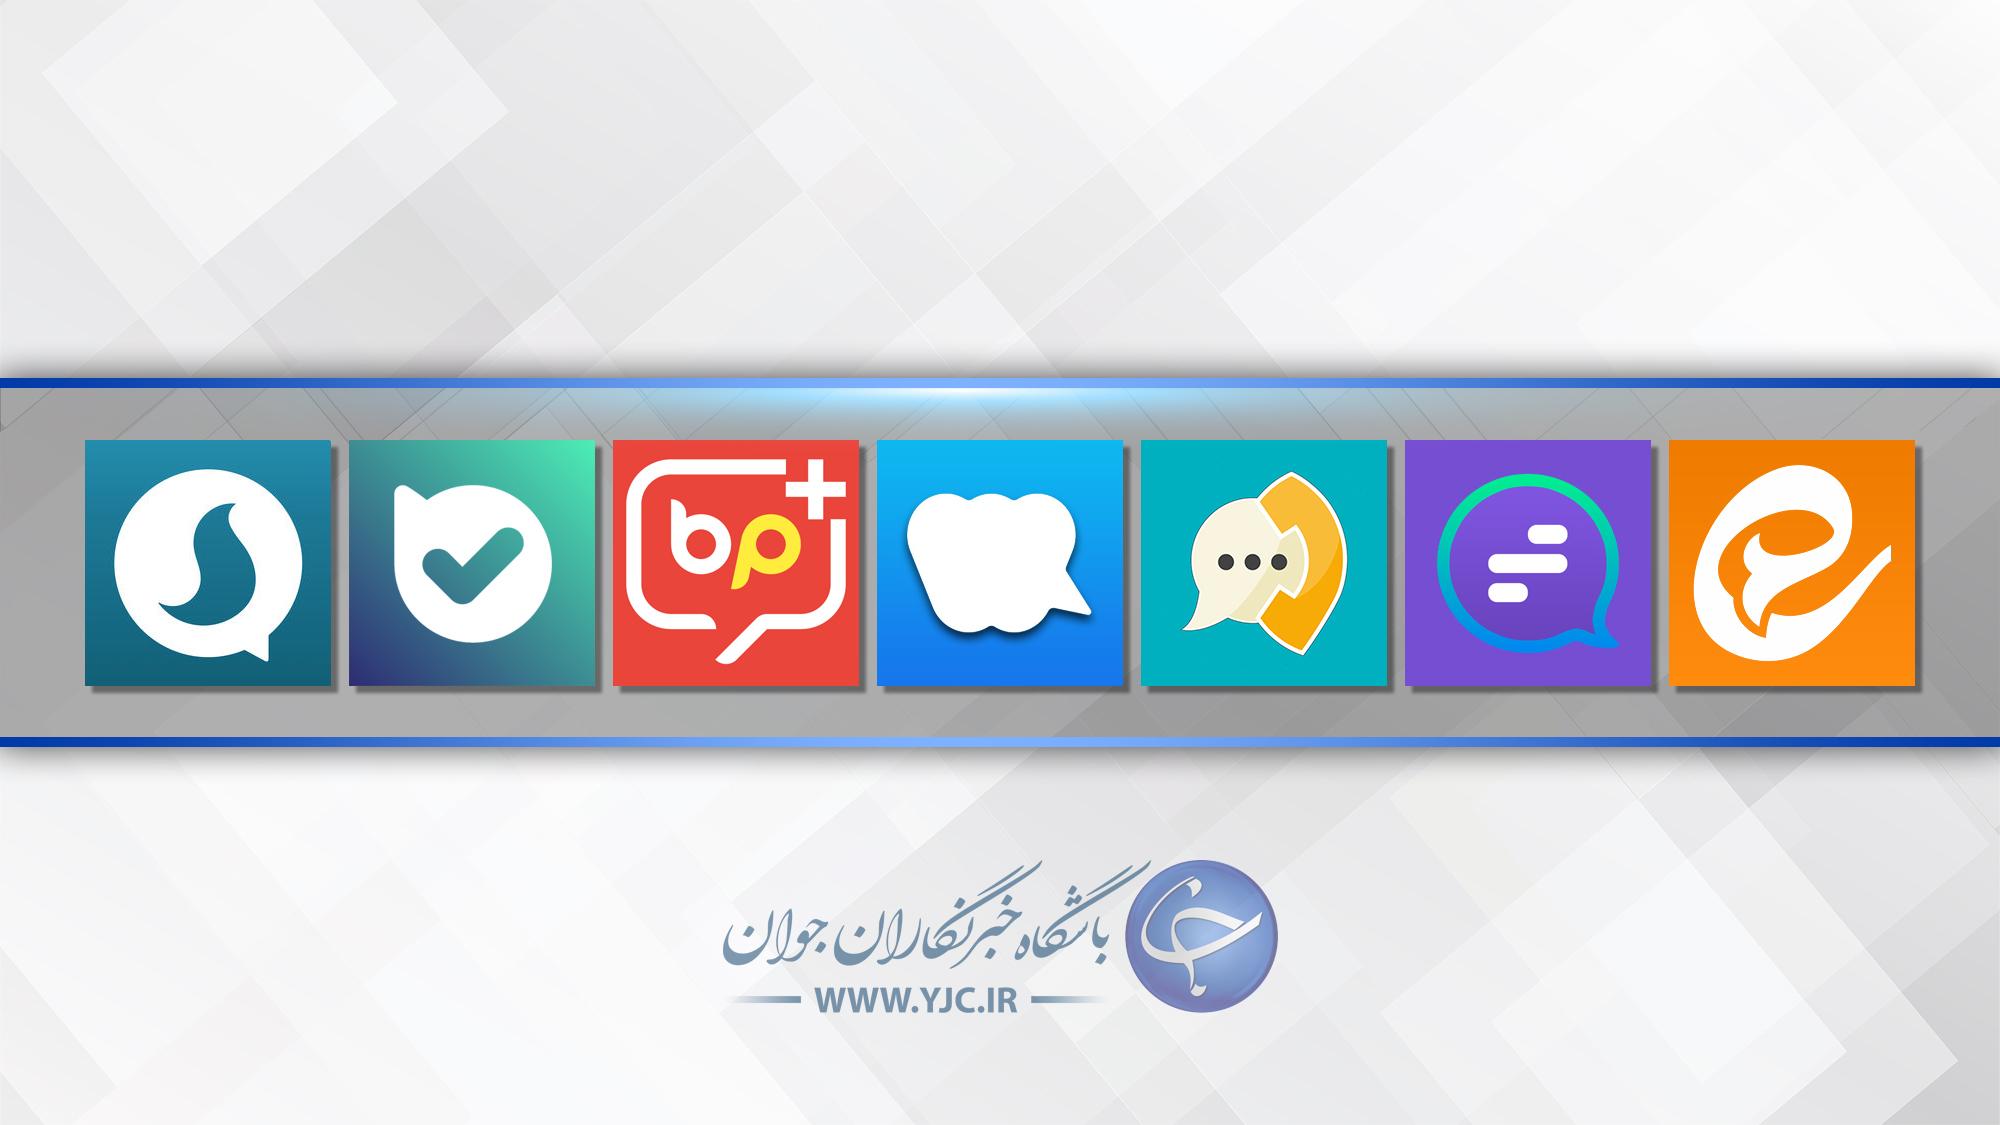 انتخاب دو پیام رسان برای یکی سازی آنها برای سهولت در انتقال پیام